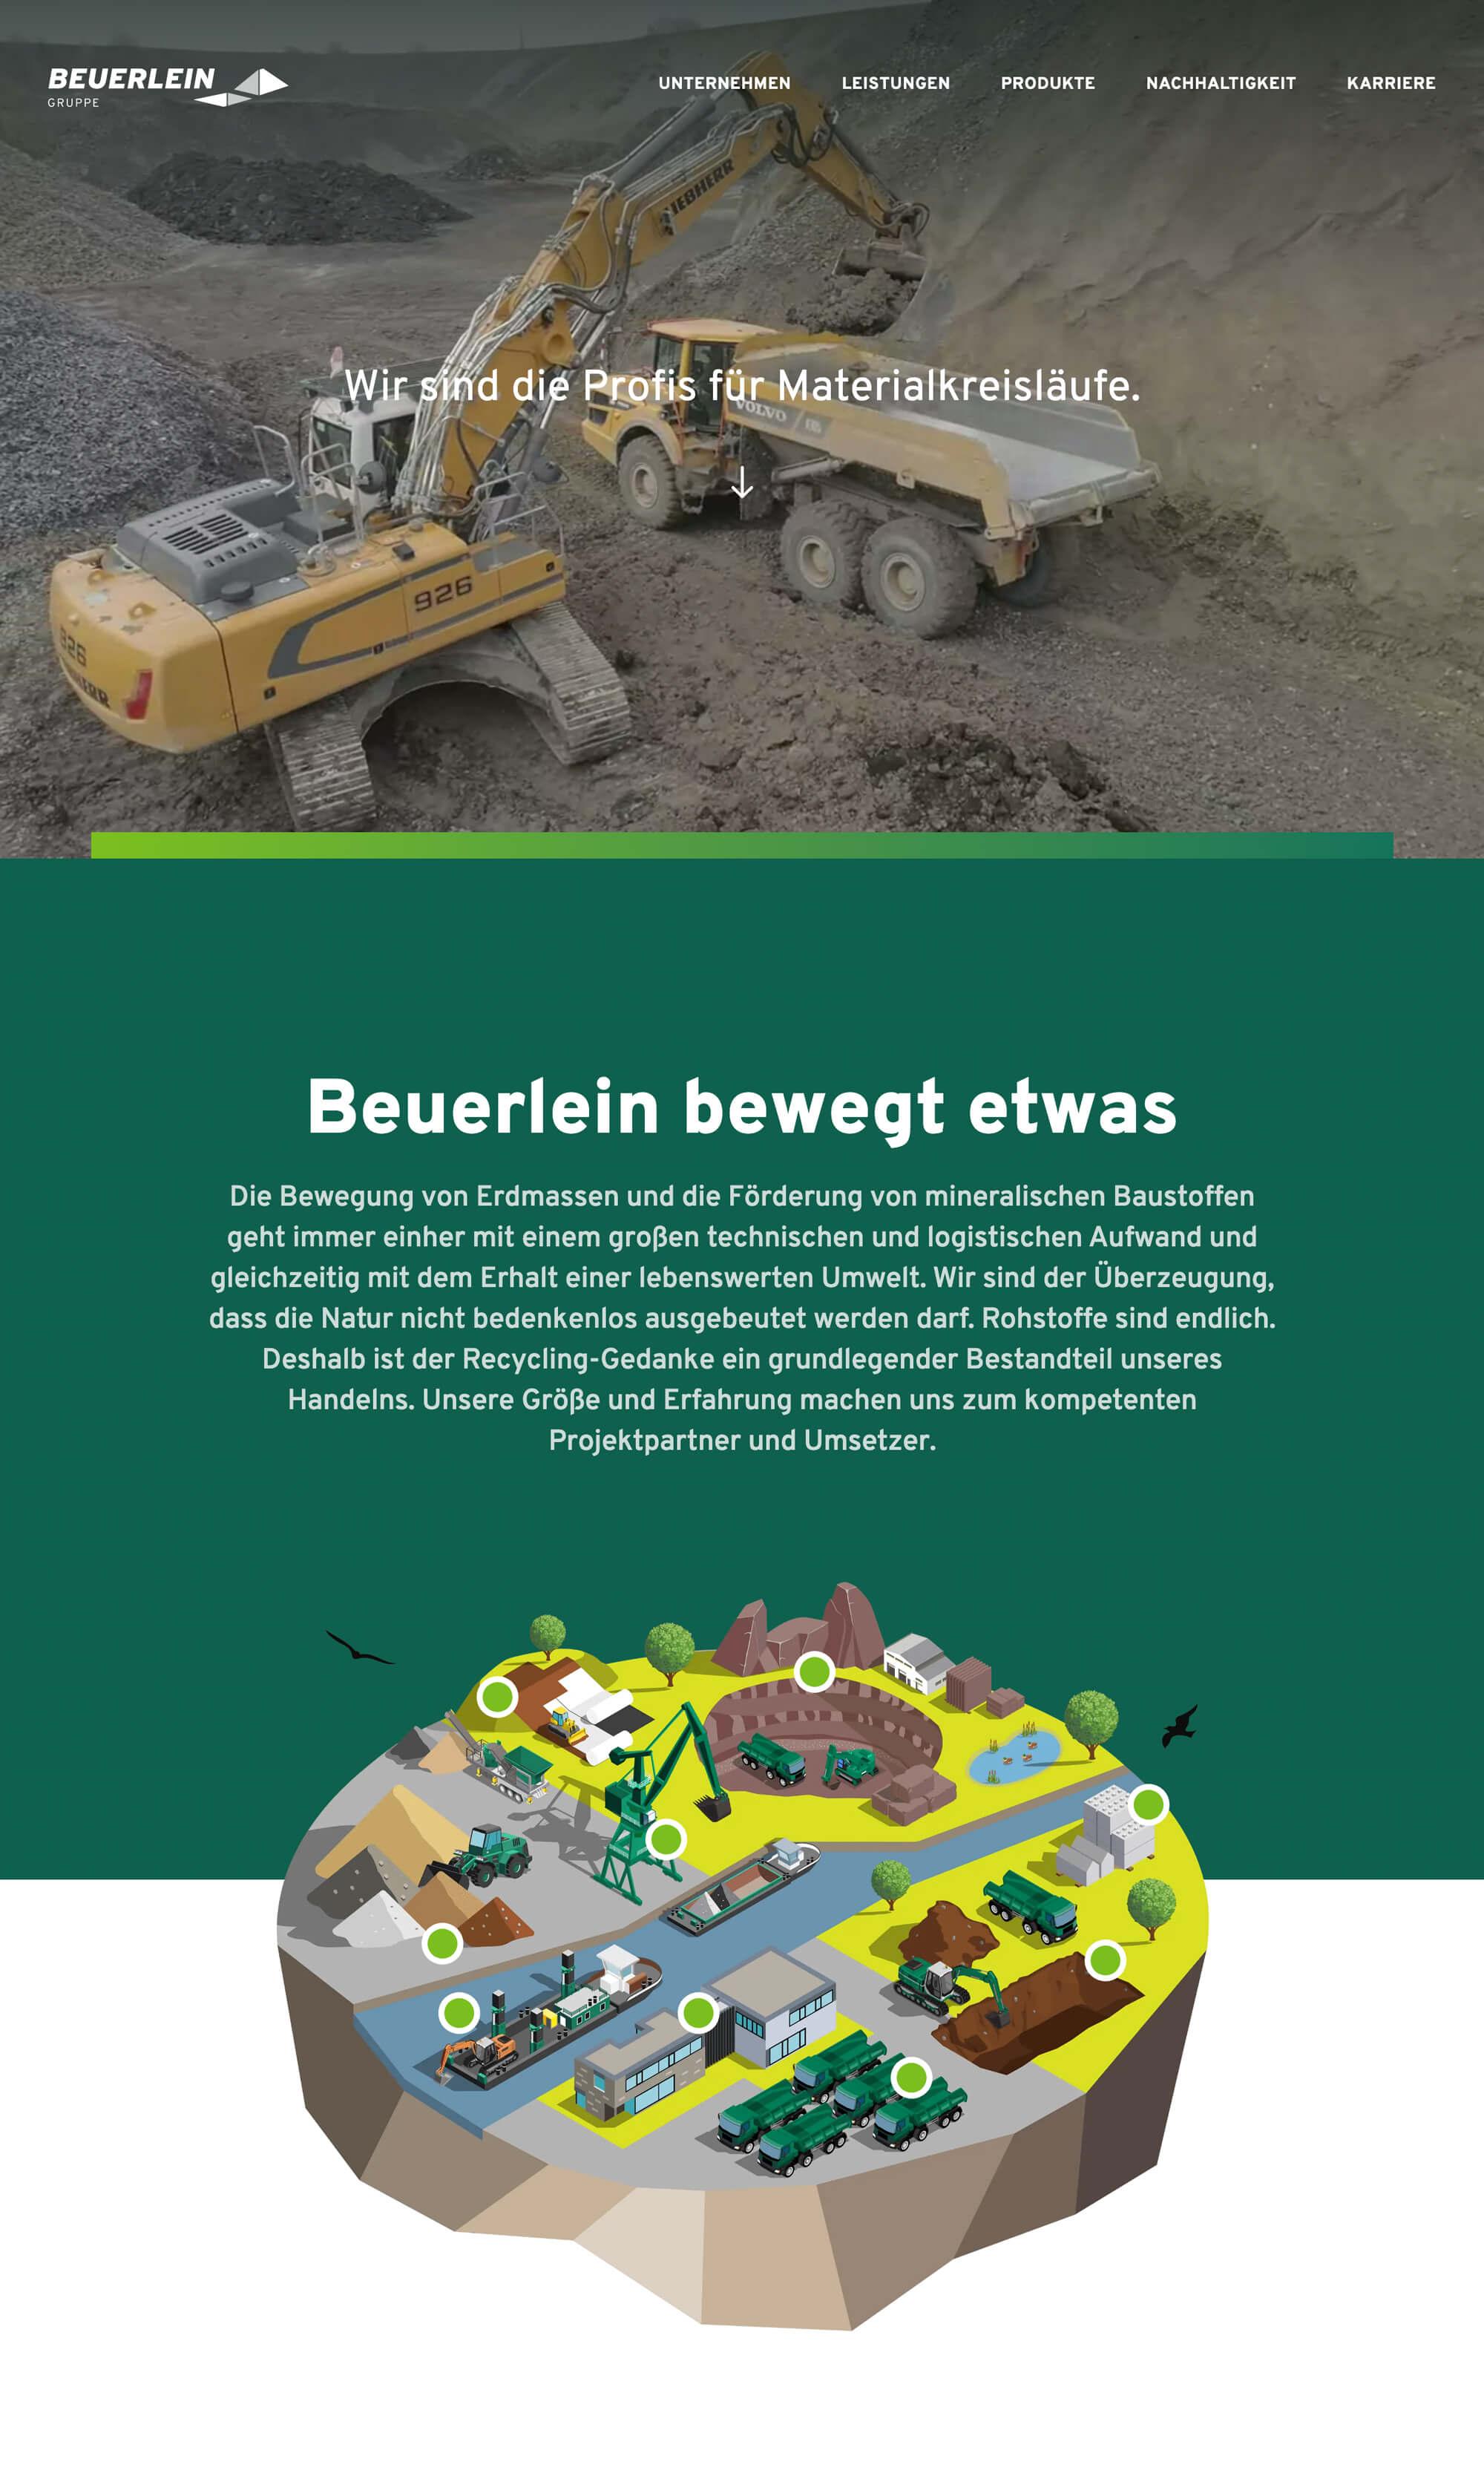 beuerlein_website_01